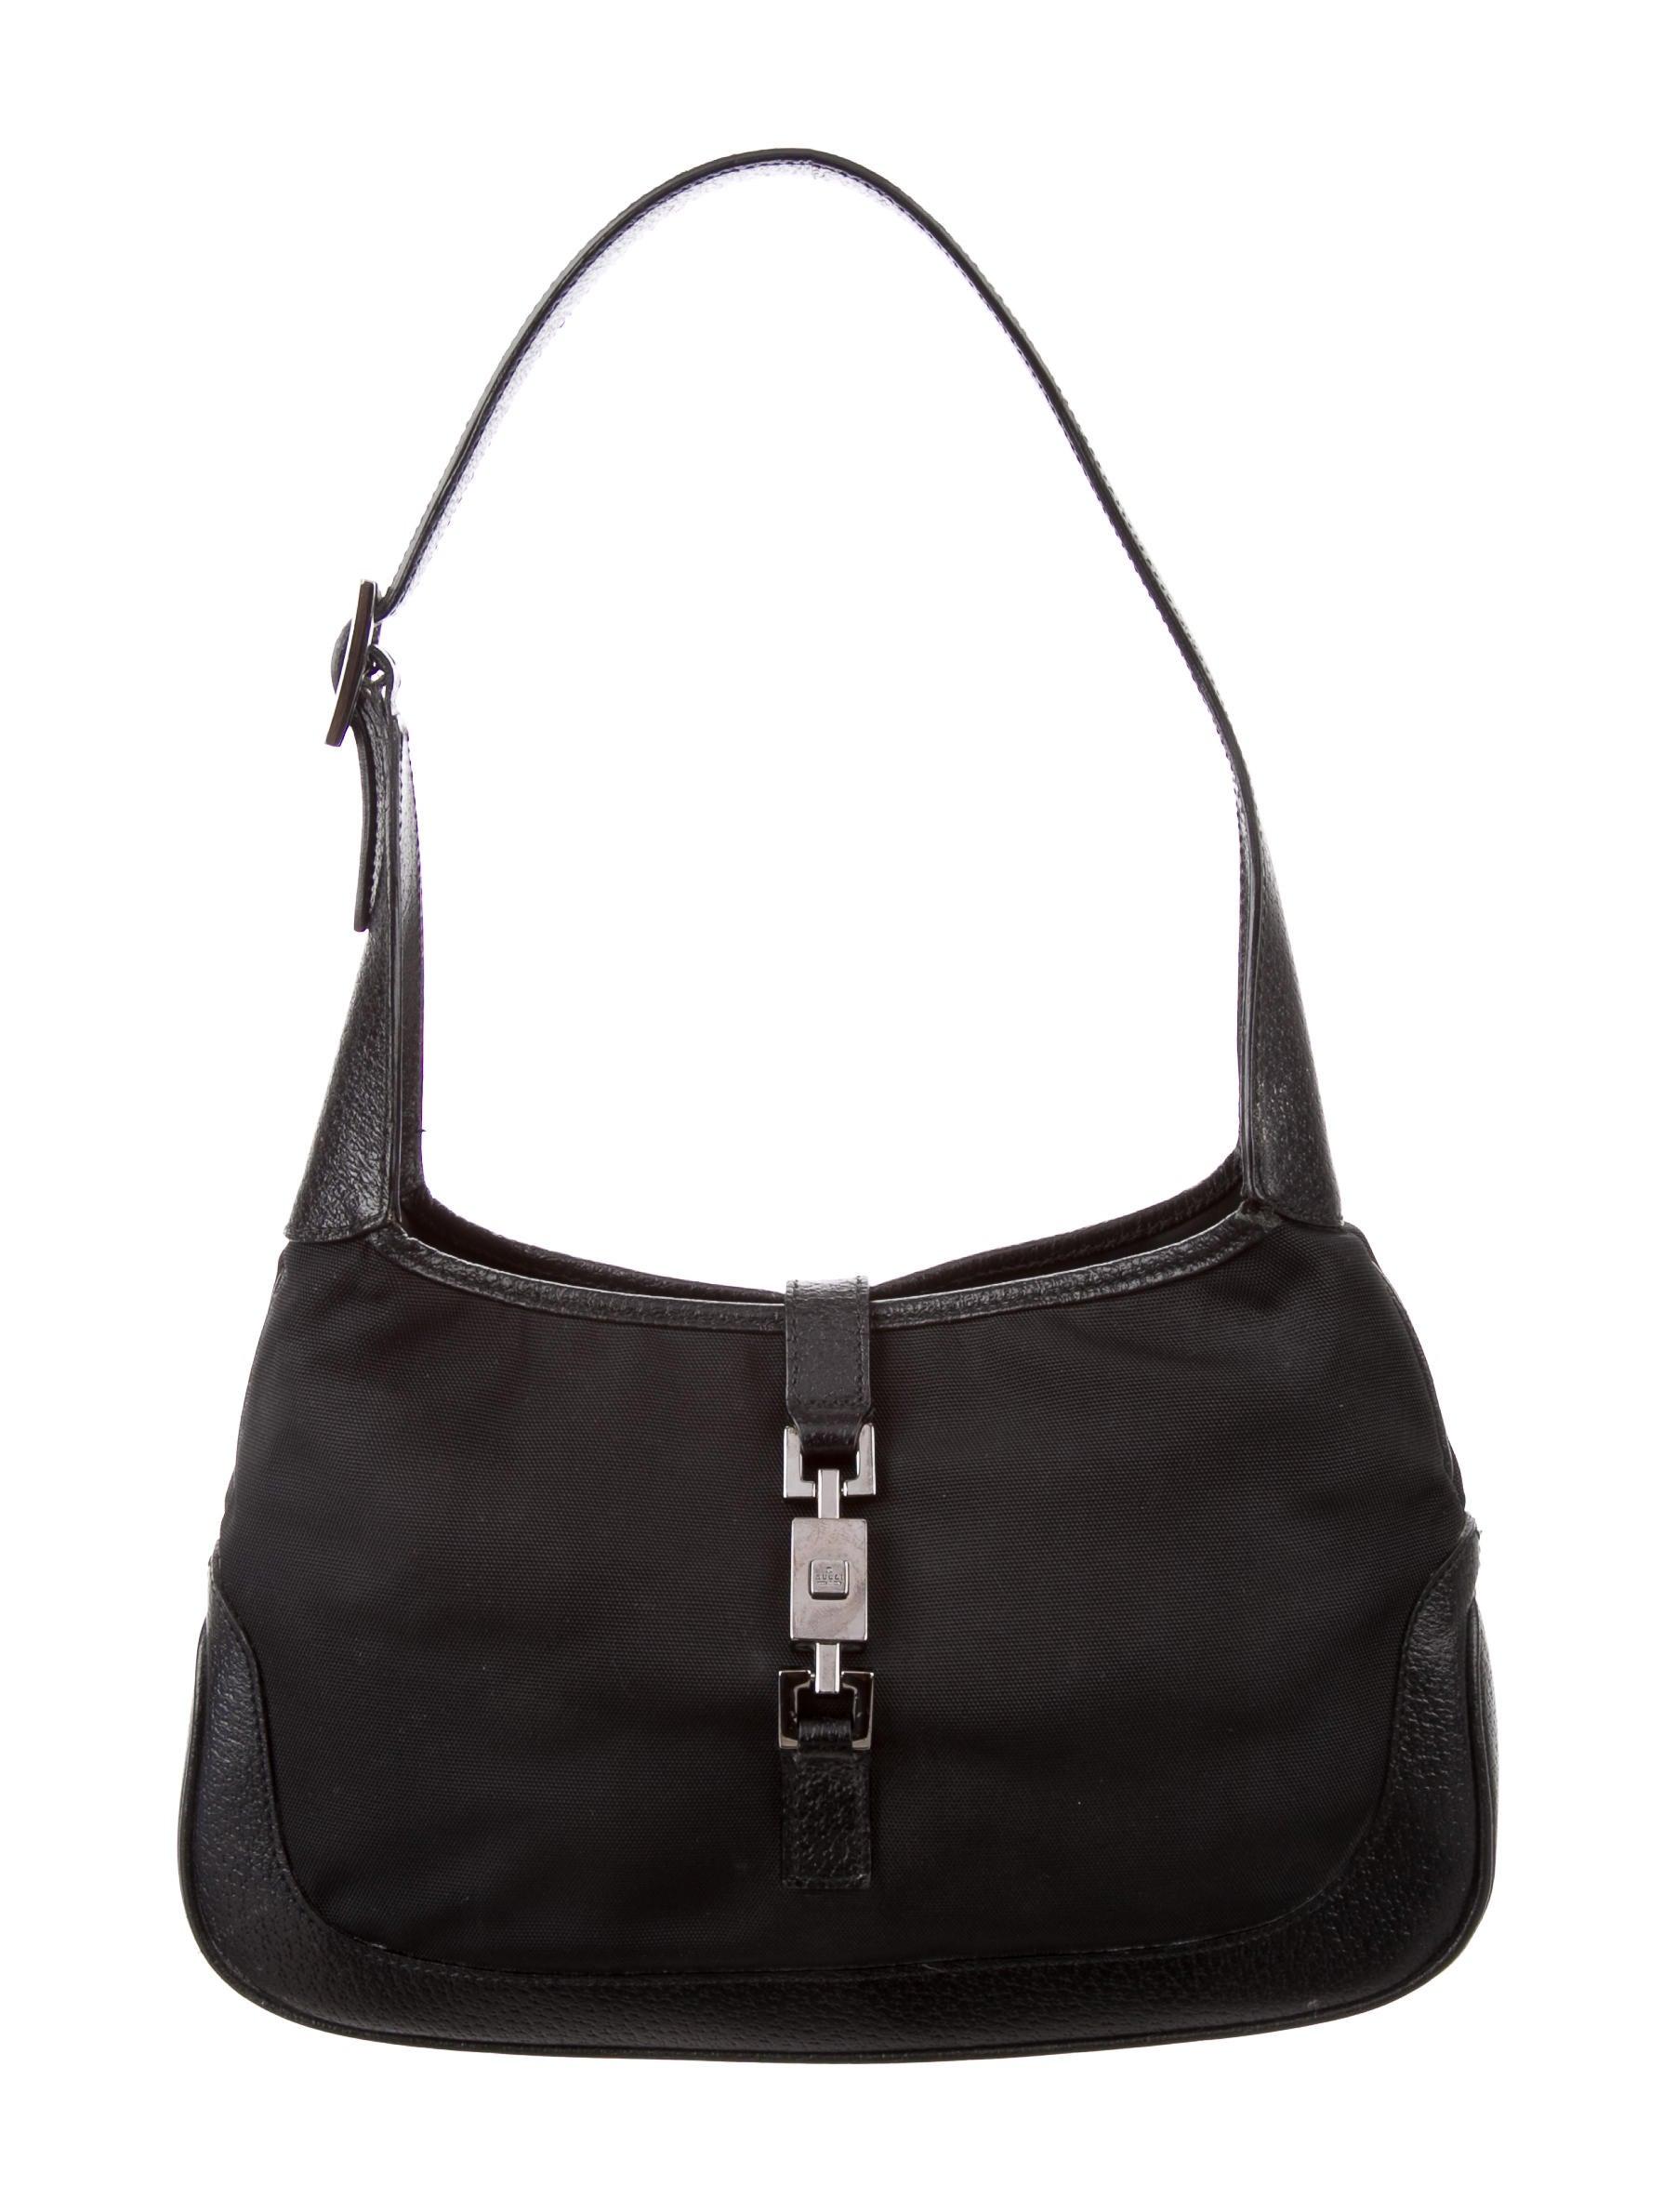 12a1d31bf9 Gucci Vintage Jackie Shoulder Bag | Stanford Center for Opportunity ...